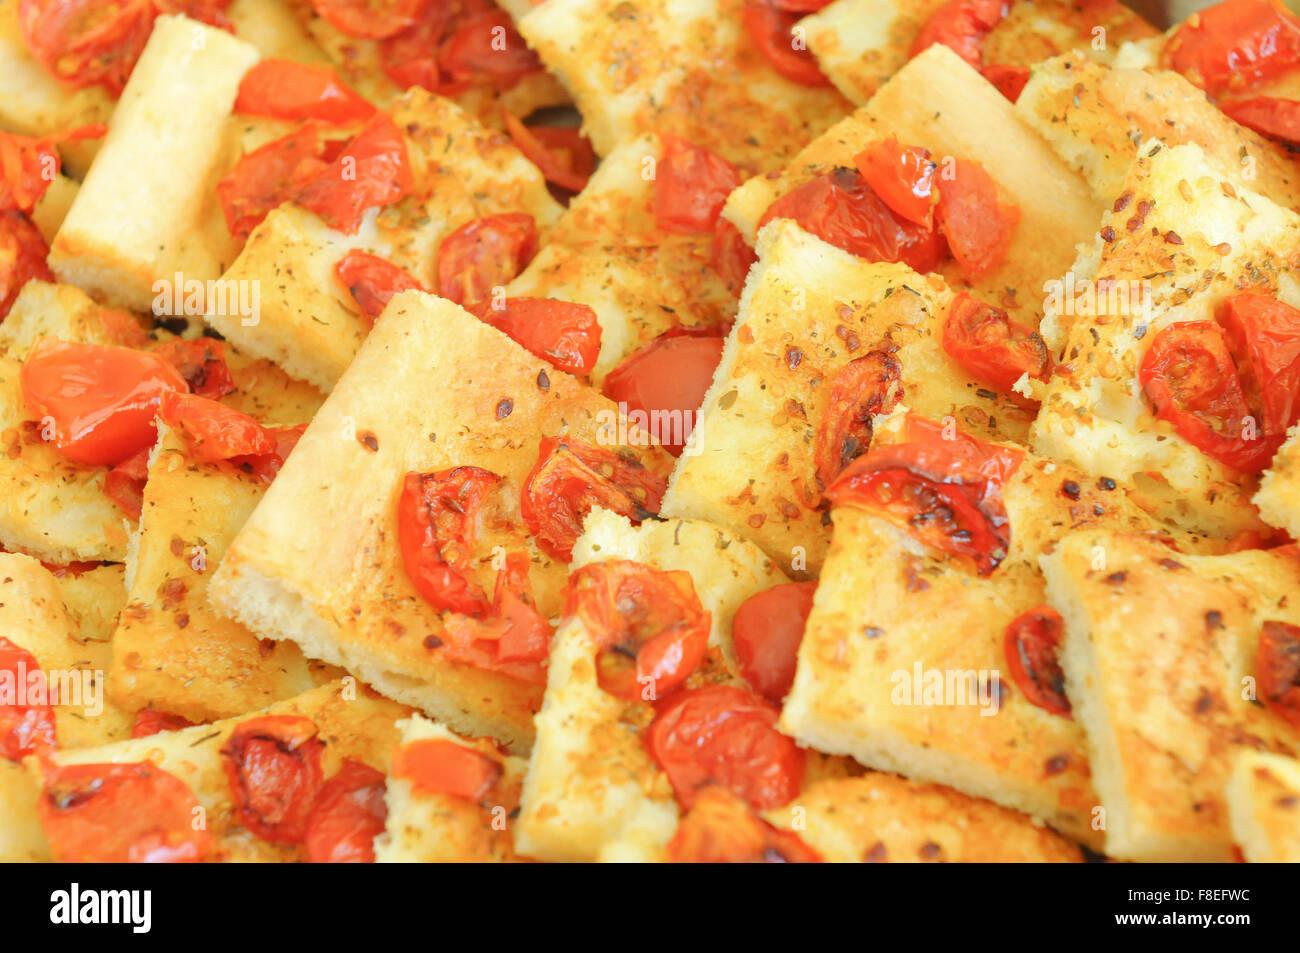 Tranches de pizza à la tomate cerise, l'huile, l'origan typique de Cilento. Régime méditerranéen Photo Stock